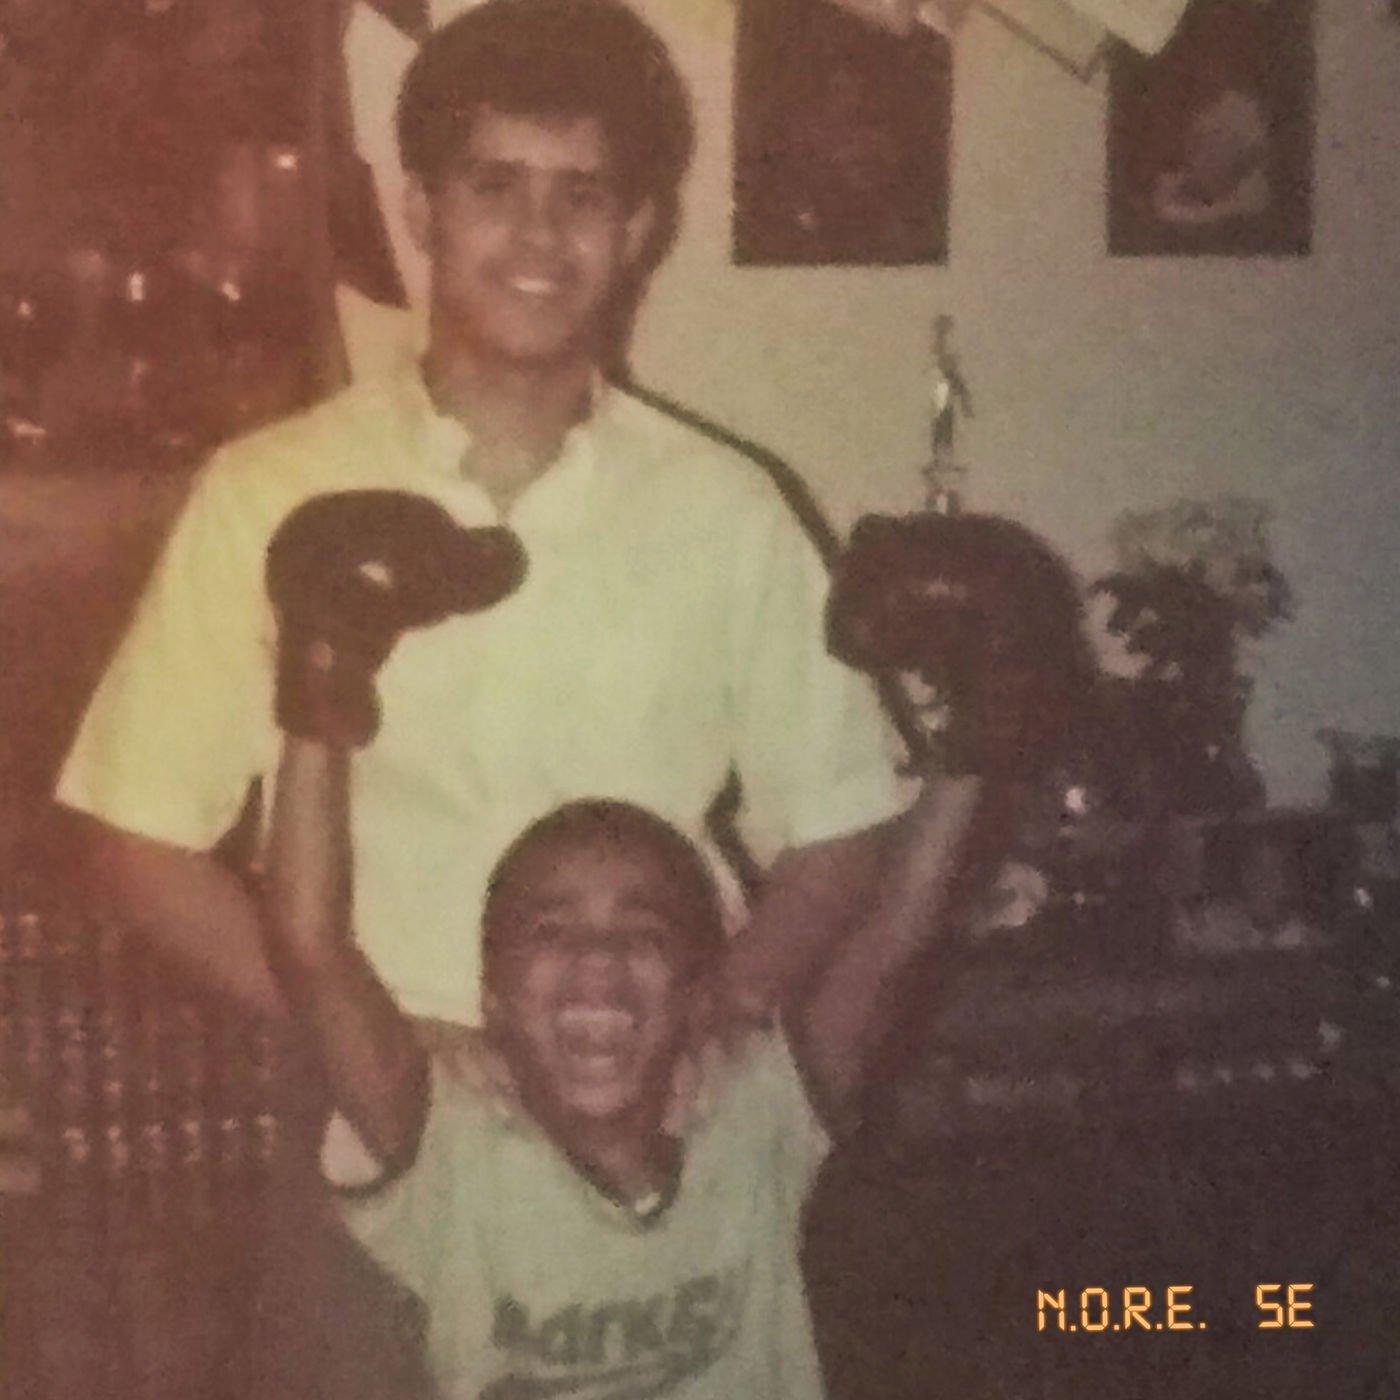 N.O.R.E. – Don't Know ft Fat Joe